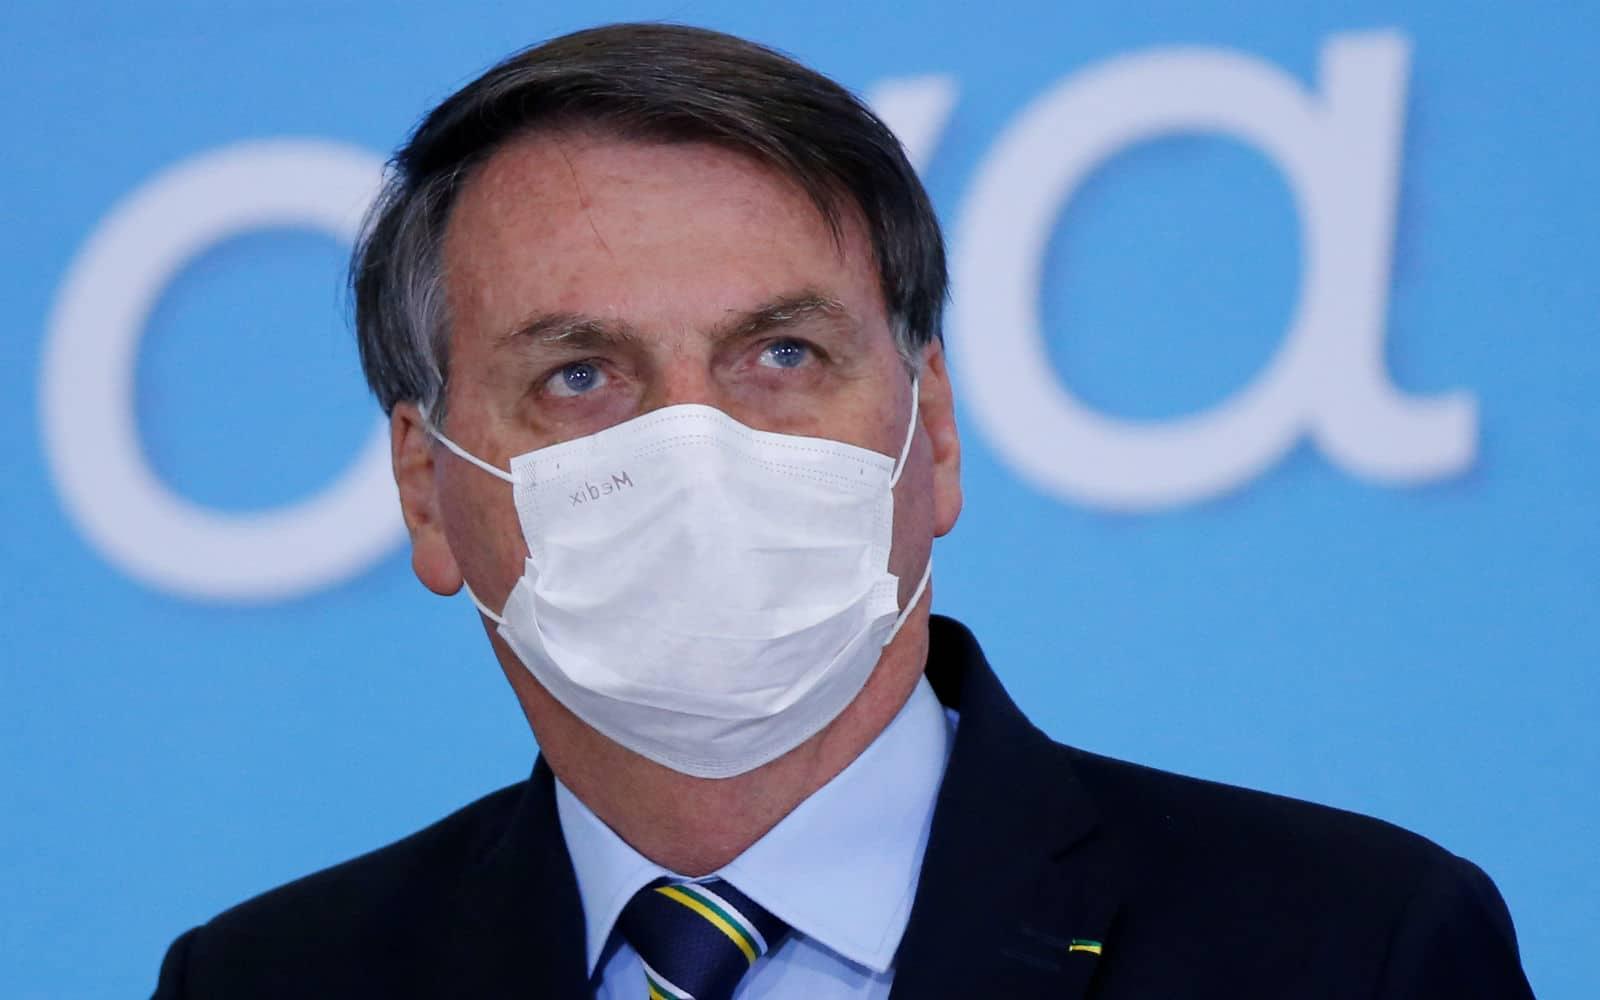 Jair Bolsonaro, Covid-19, Brasil, positivo, pandemia, salud, contagio